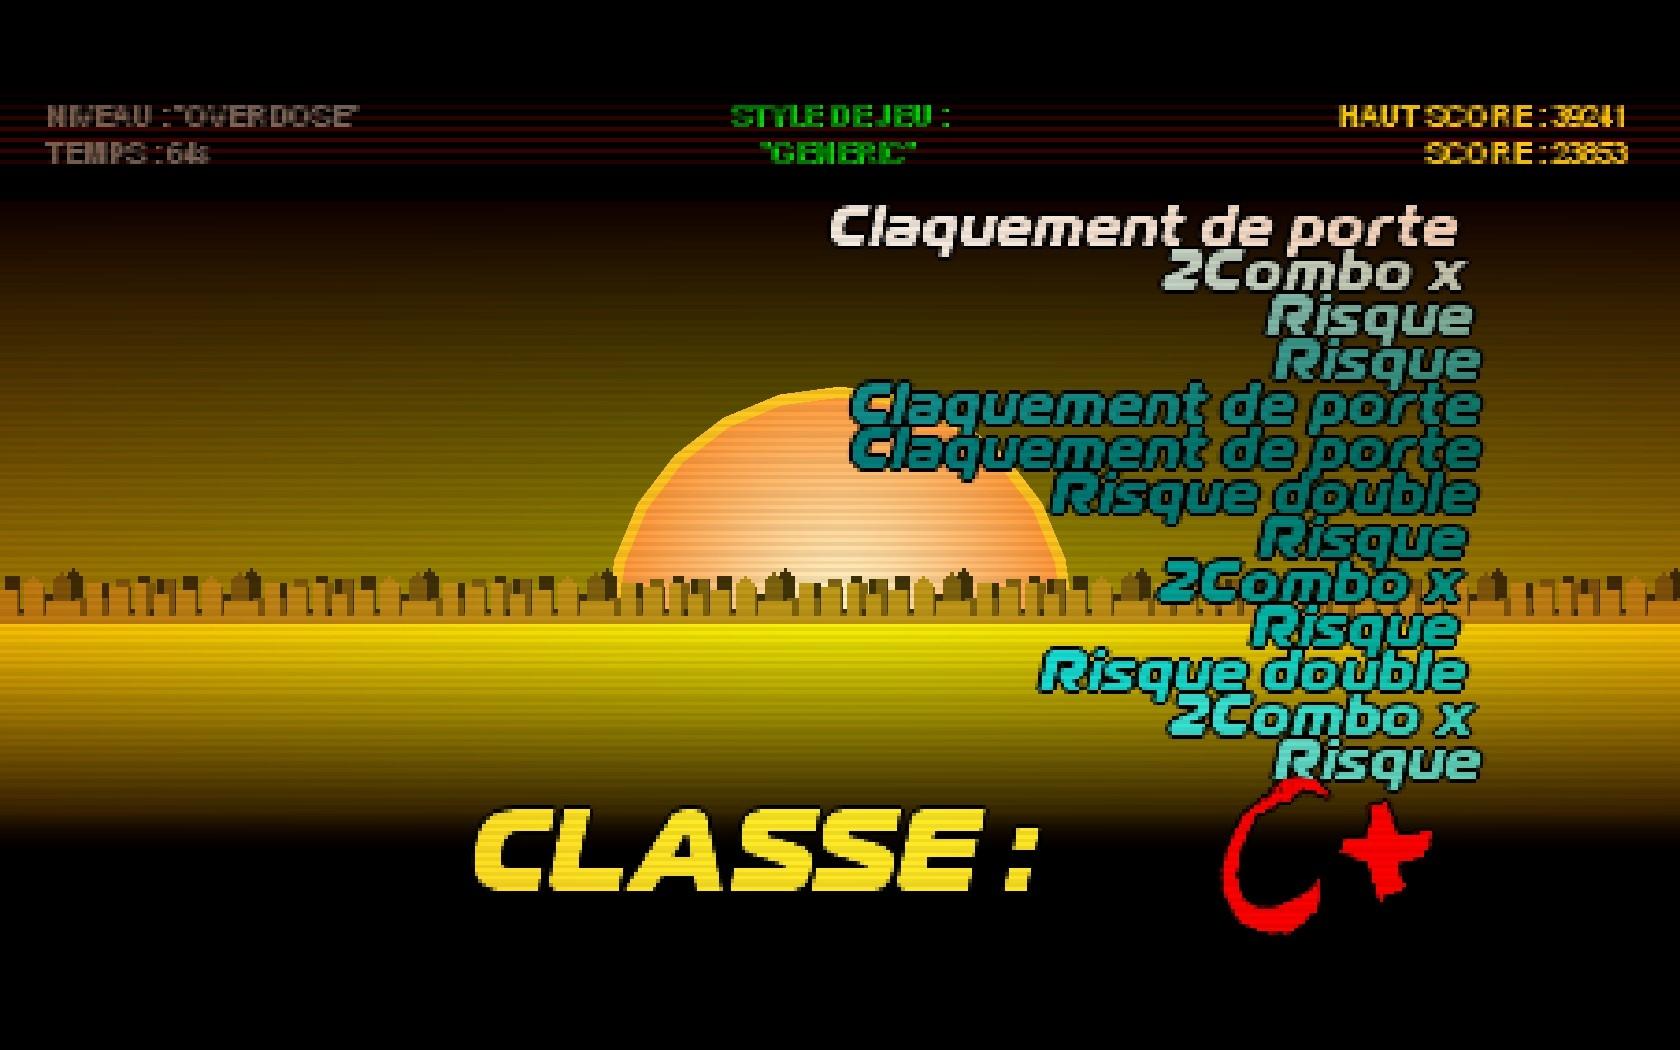 Classe : C+